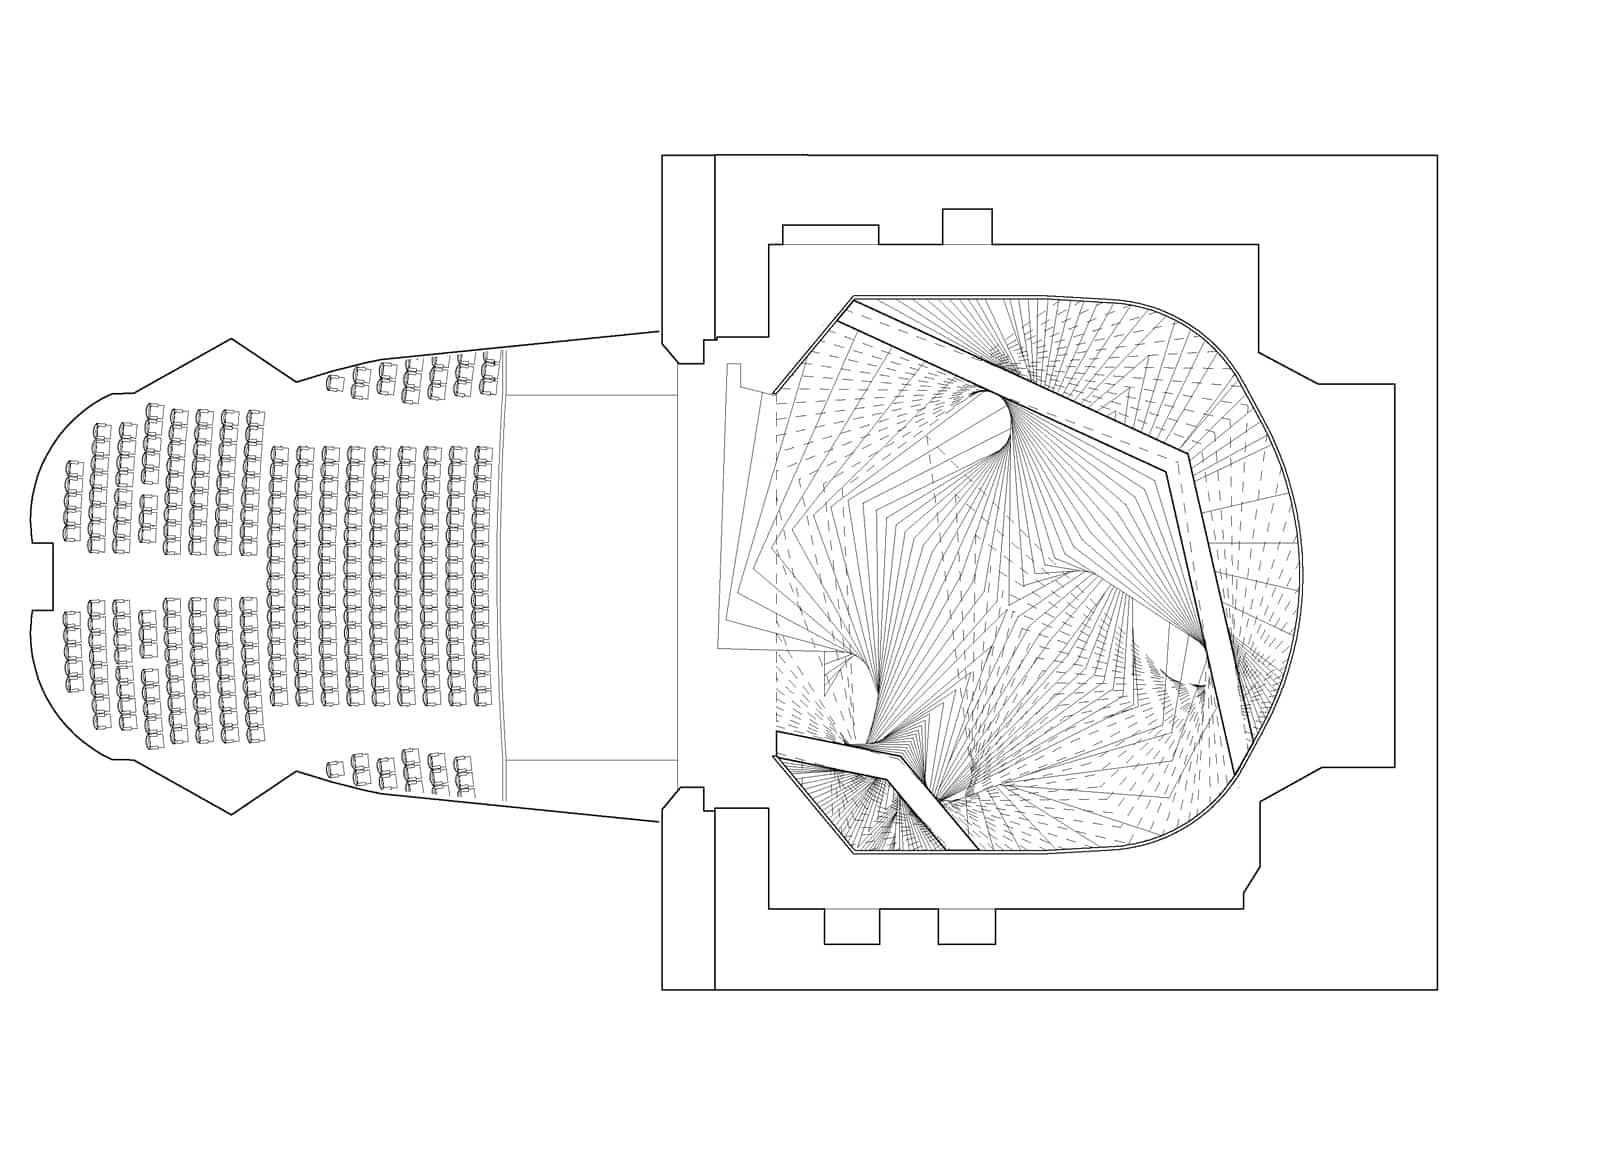 Fidelio, Scenic Spiral  - 20210806 BarkowLeibinger Fidelio 06.1 43